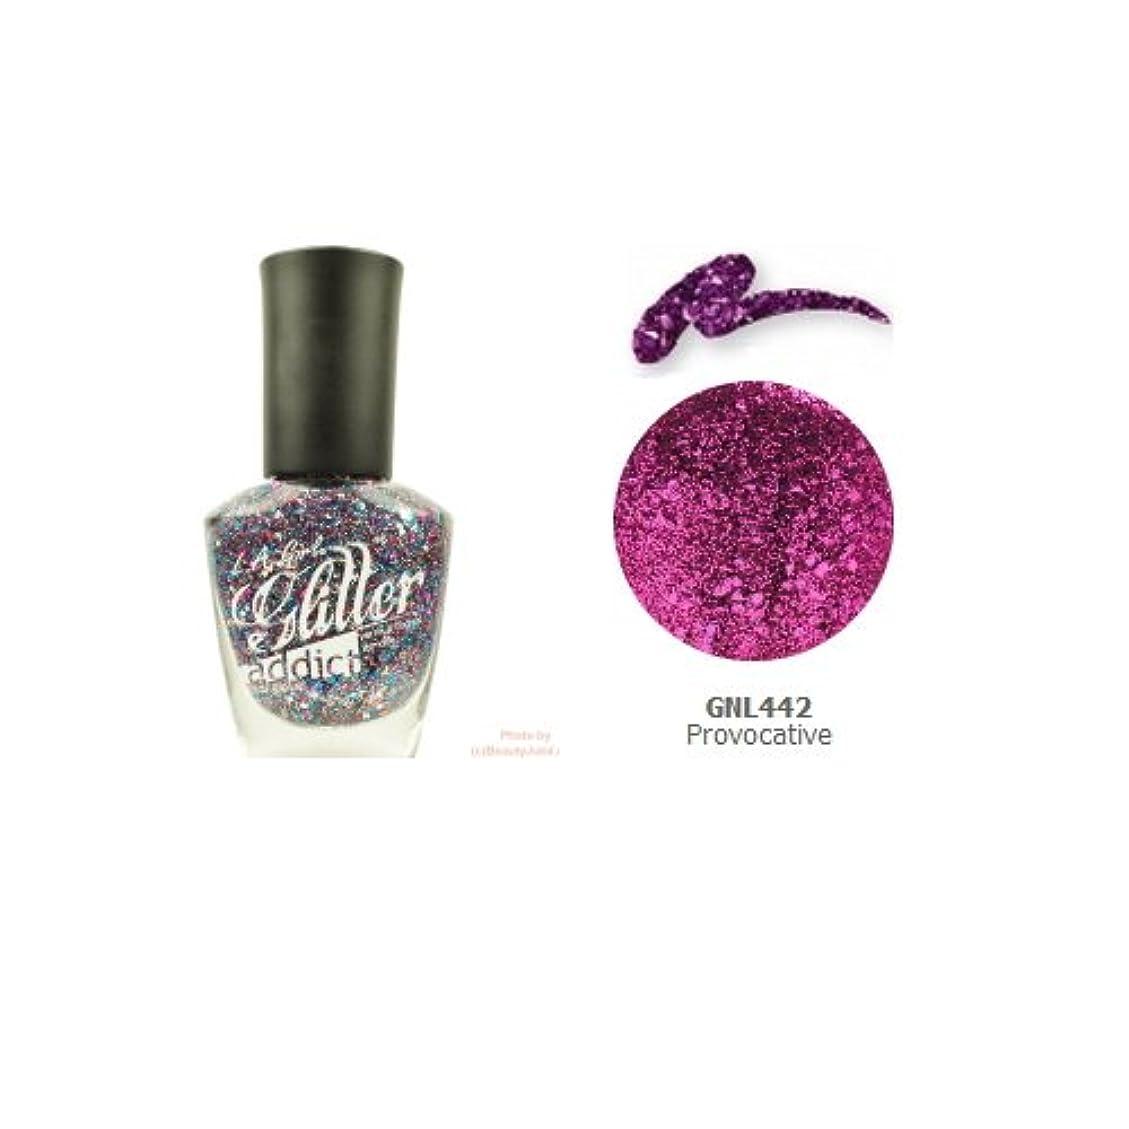 外科医編集者スカート(6 Pack) LA GIRL Glitter Addict Polish - Provocative (並行輸入品)